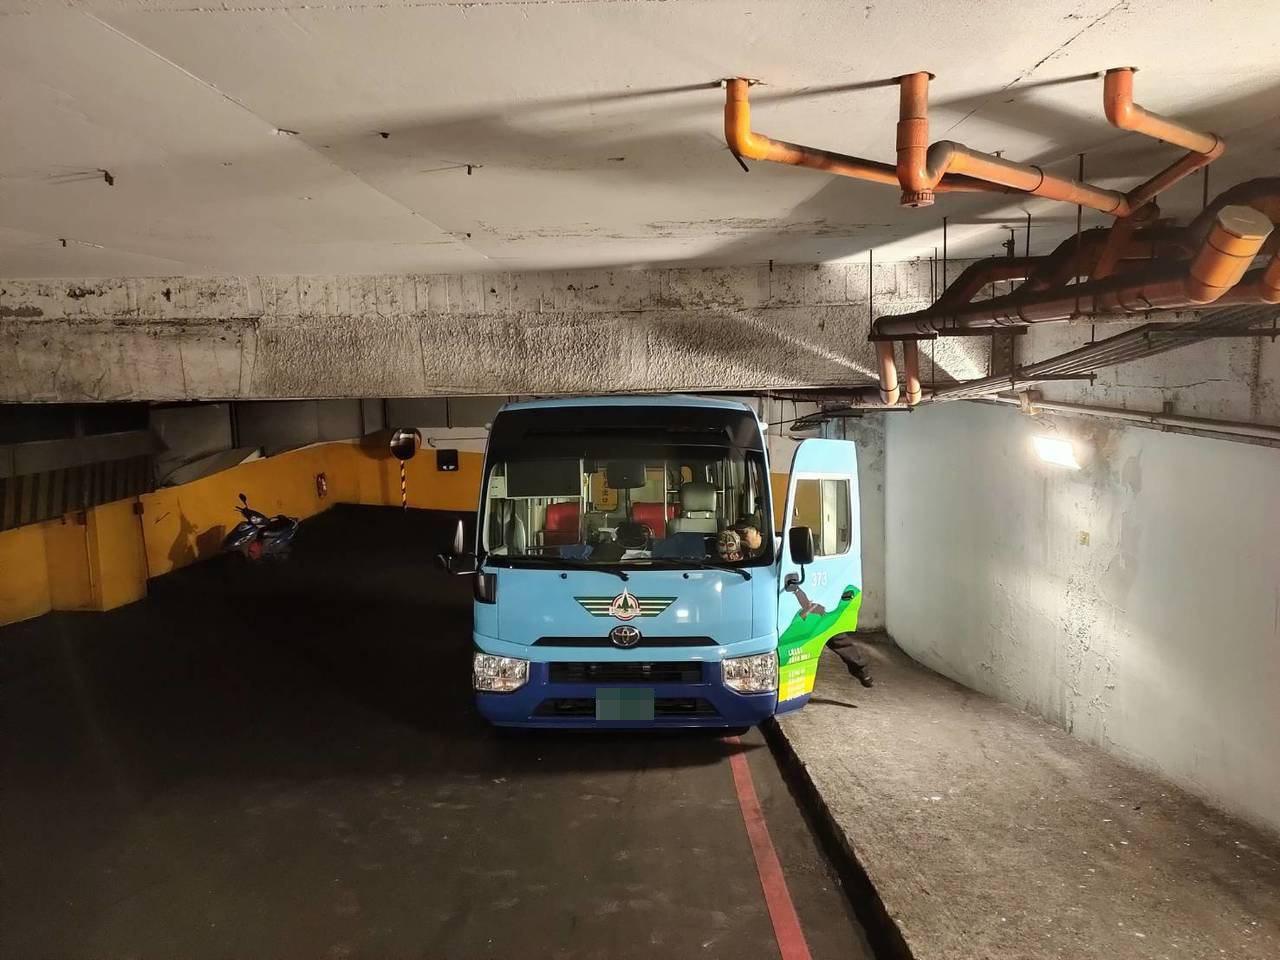 2公車卡在基隆迴車塔數十乘客下車走,洩氣試脫困。圖/議員楊石城提供